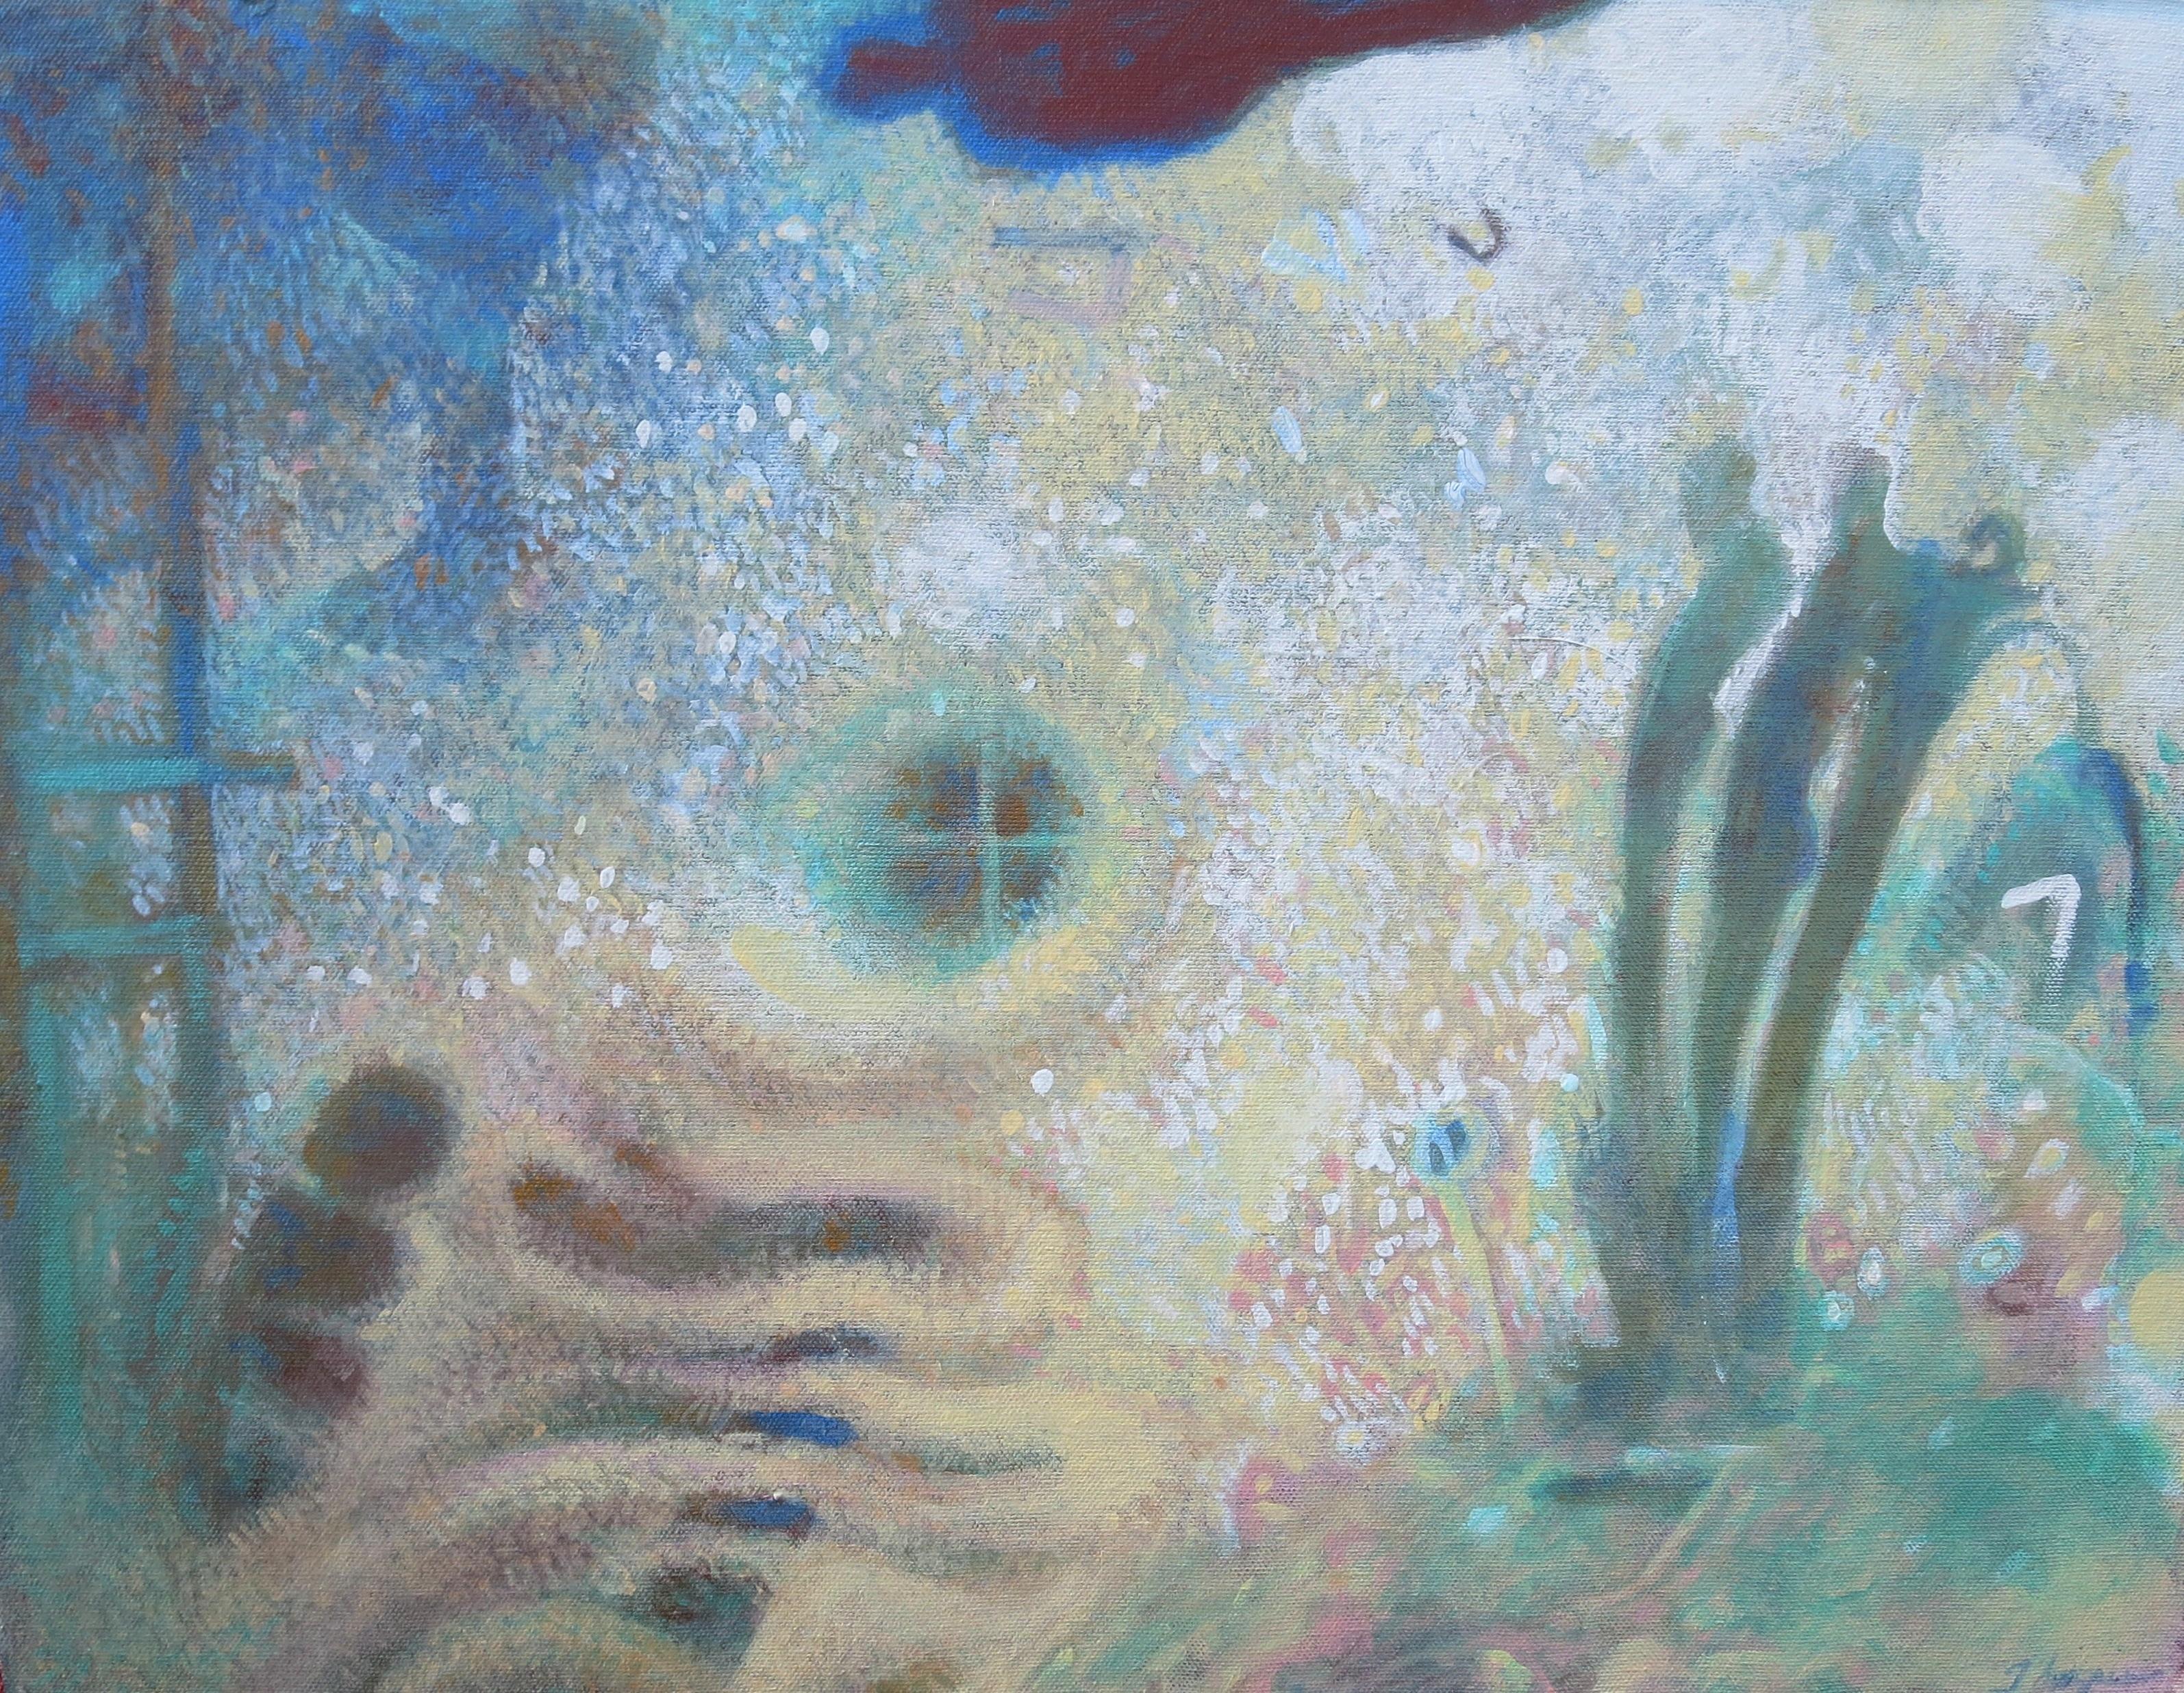 Stars, acrylic on canvas, 16 x 20, 2016